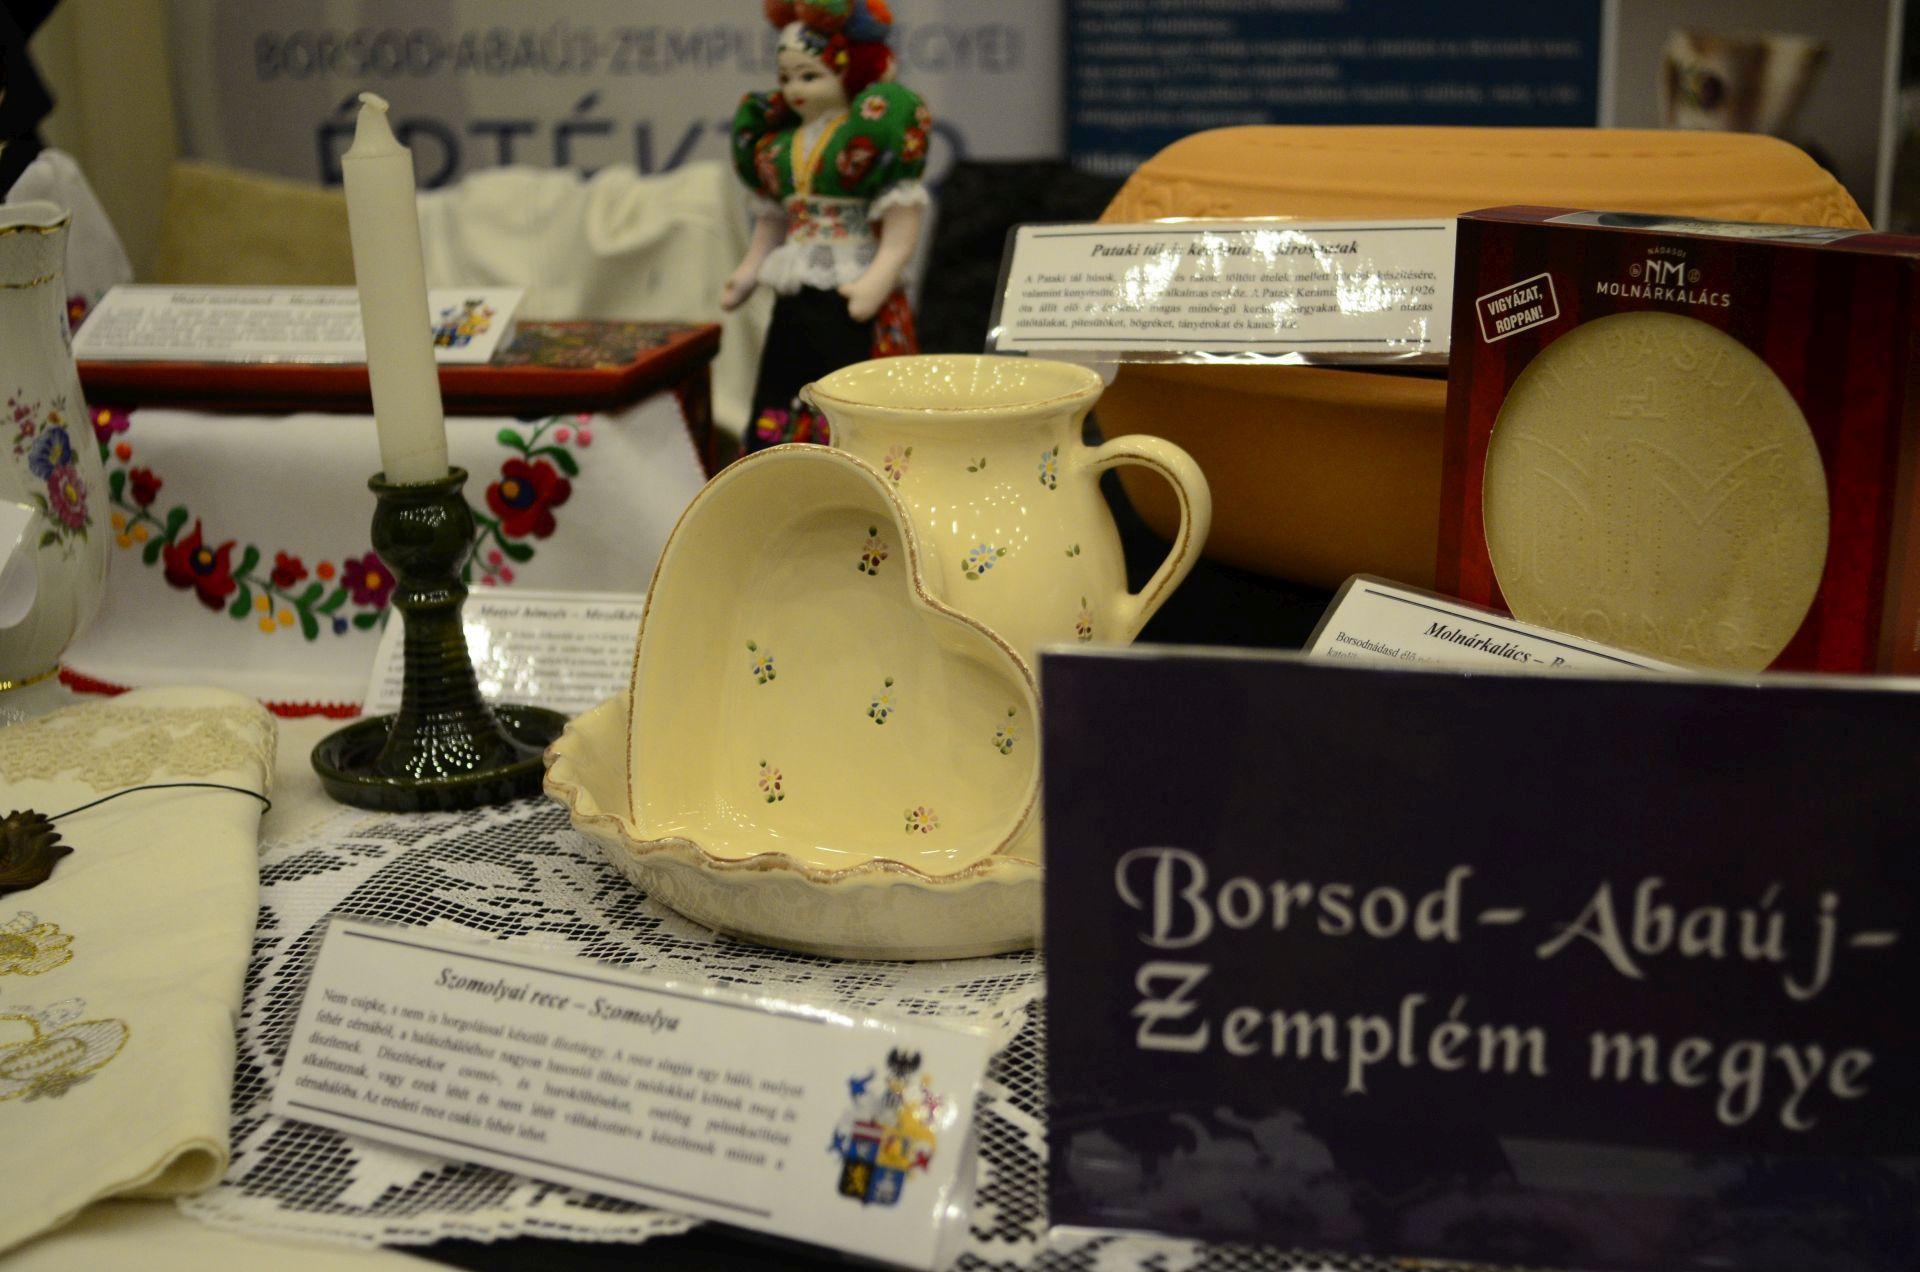 Borsod-Abaúj-Zemplén megyei értékasztal